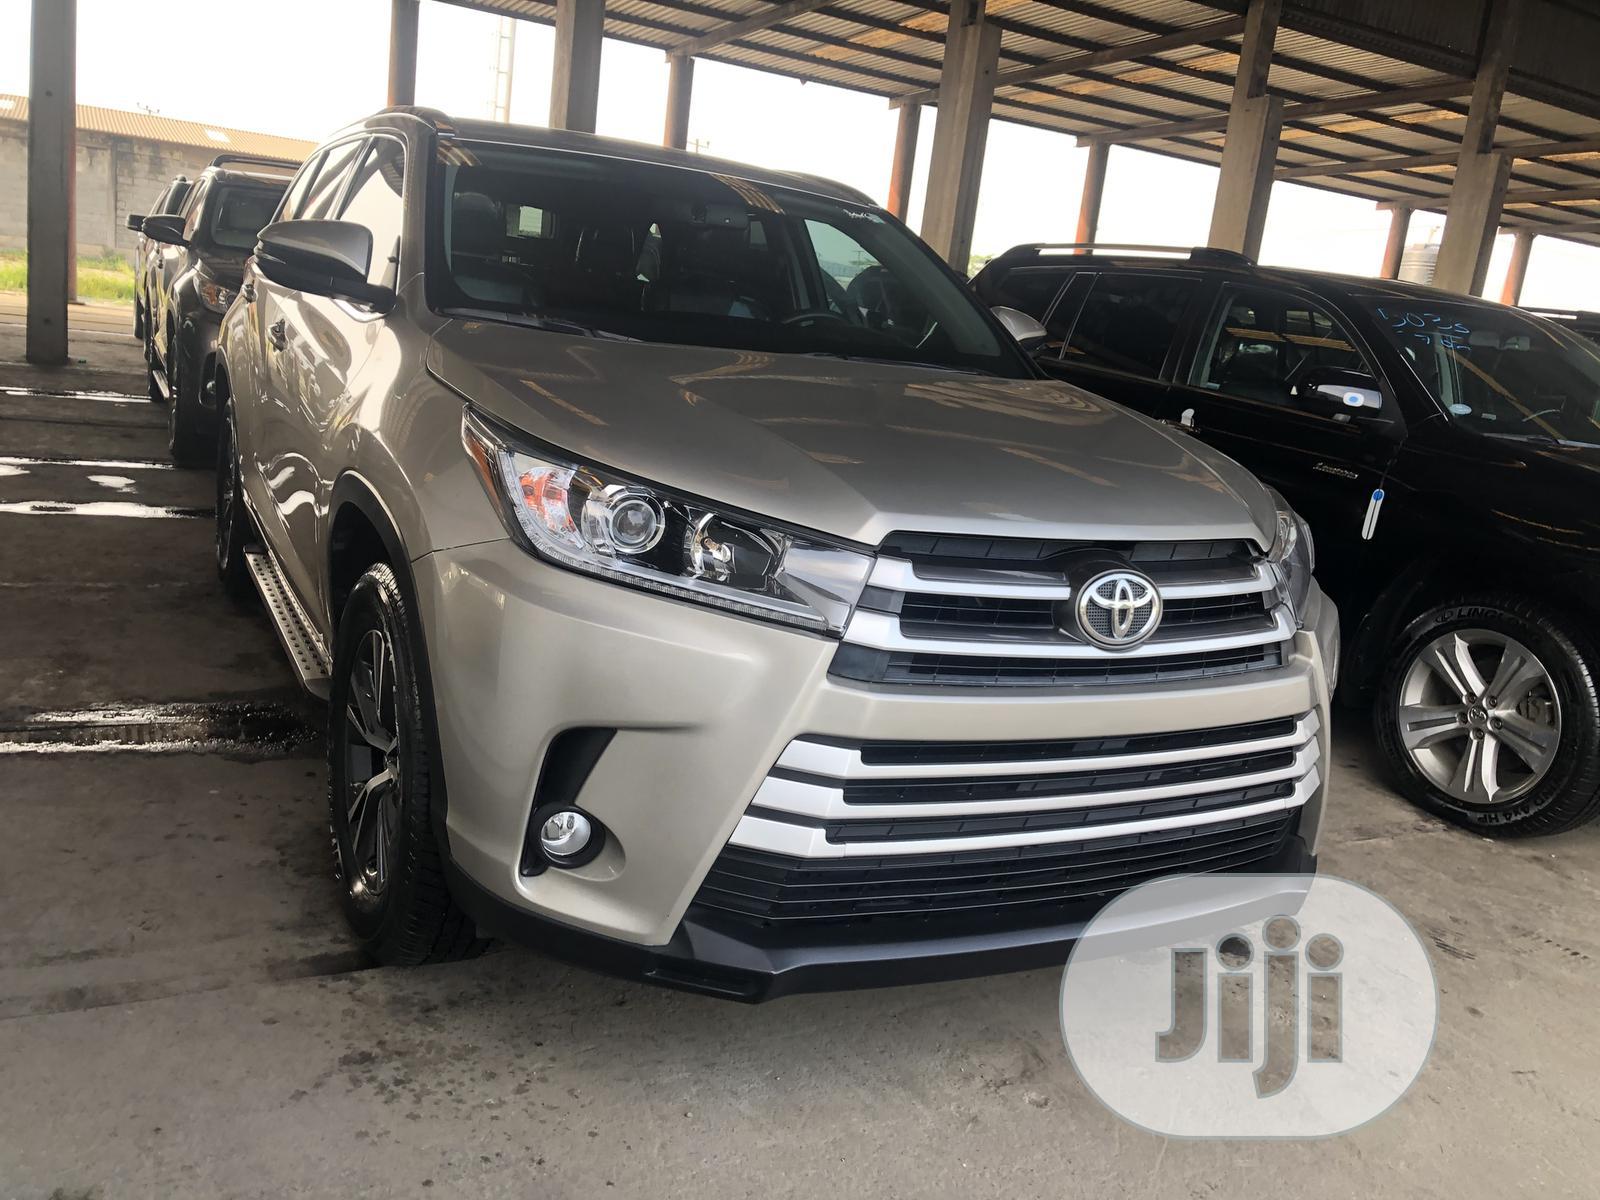 Toyota Highlander 2018 XLE 4x4 V6 (3.5L 6cyl 8A) Gold